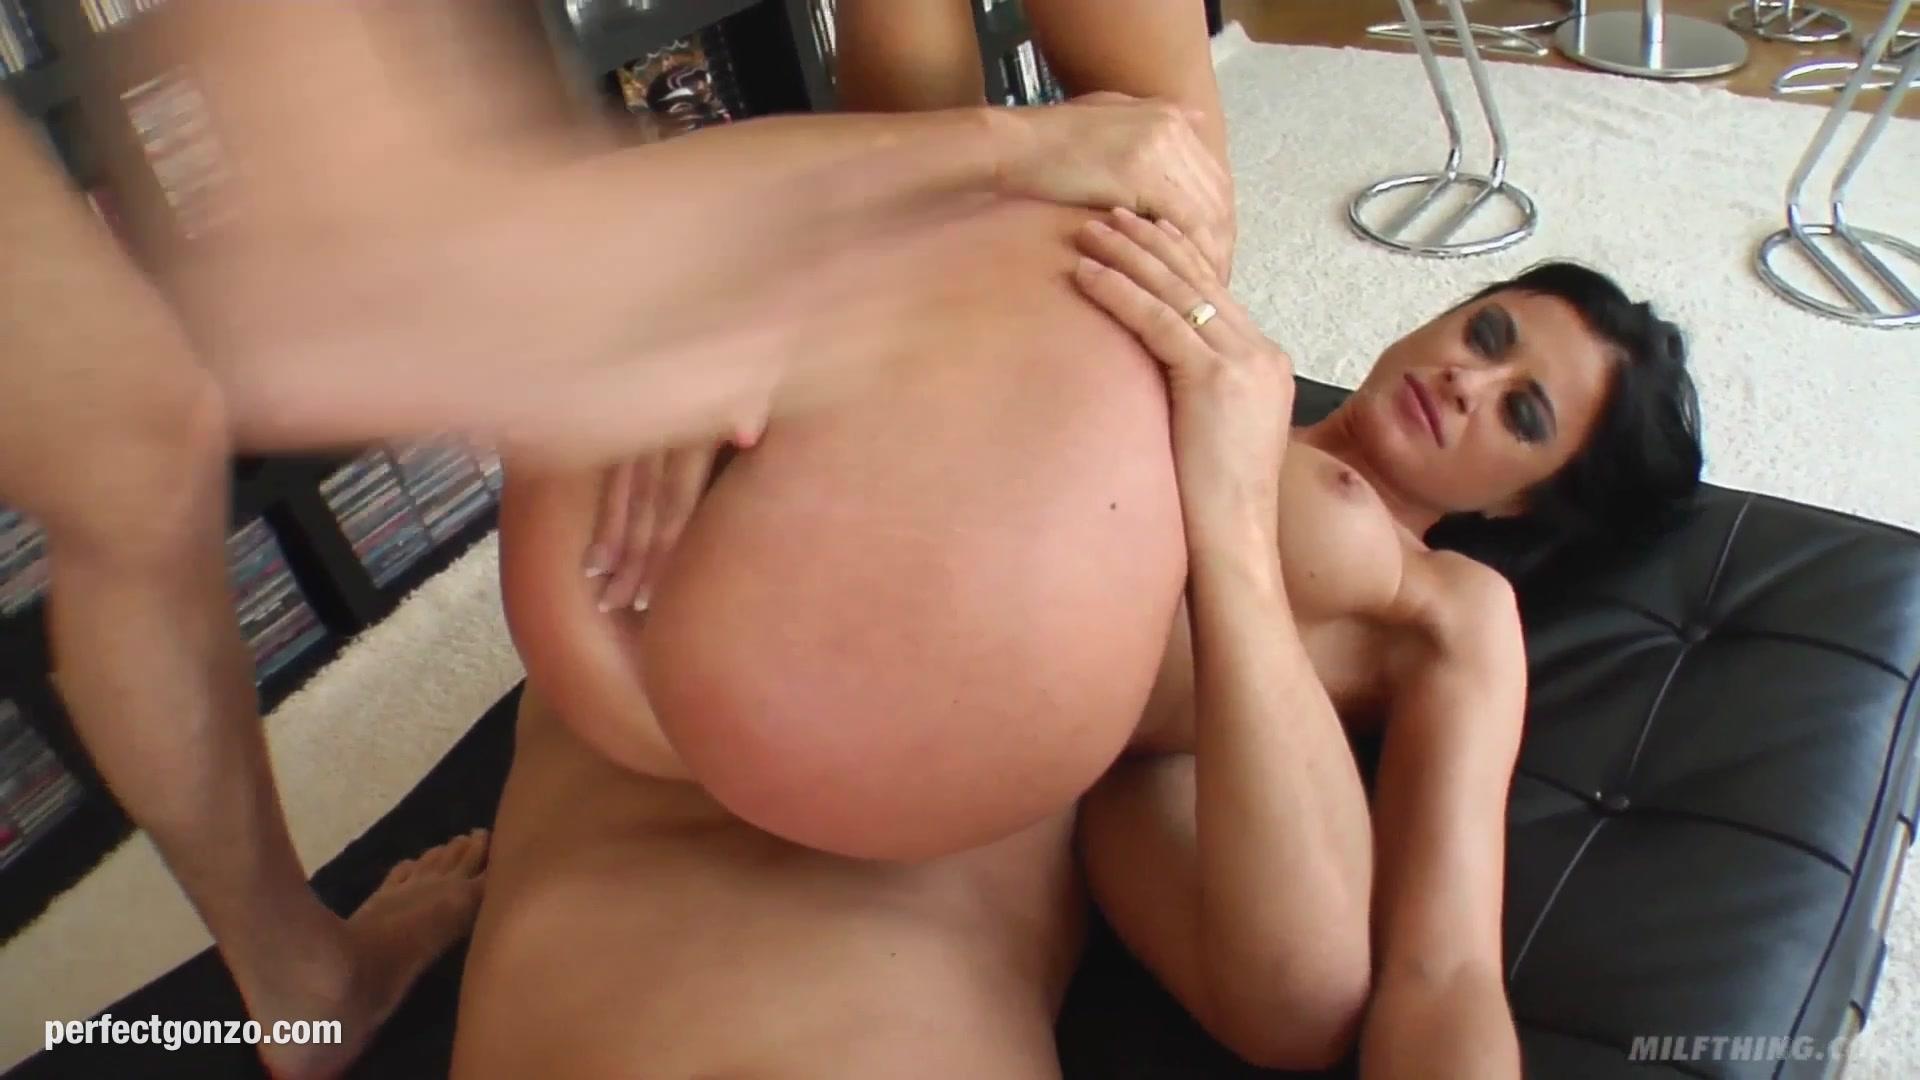 XXX Video Jngle A Sex